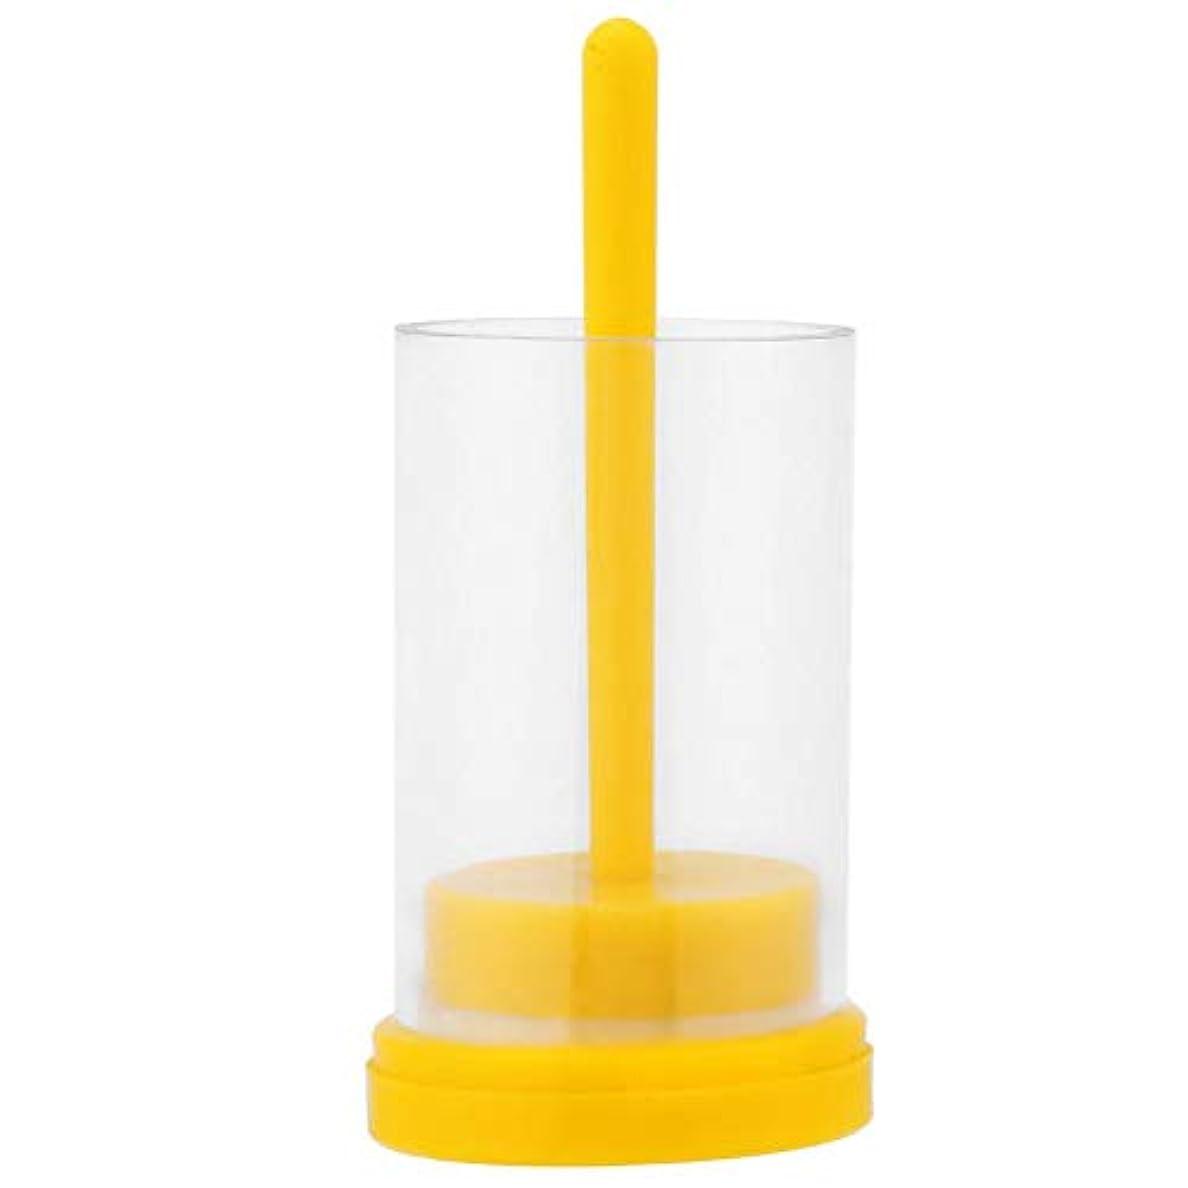 砂利ダンプ販売員クイーンビーマーカー1PC 蜂の巣用 便利なソフトプランジャー付き マーキングケージボトル